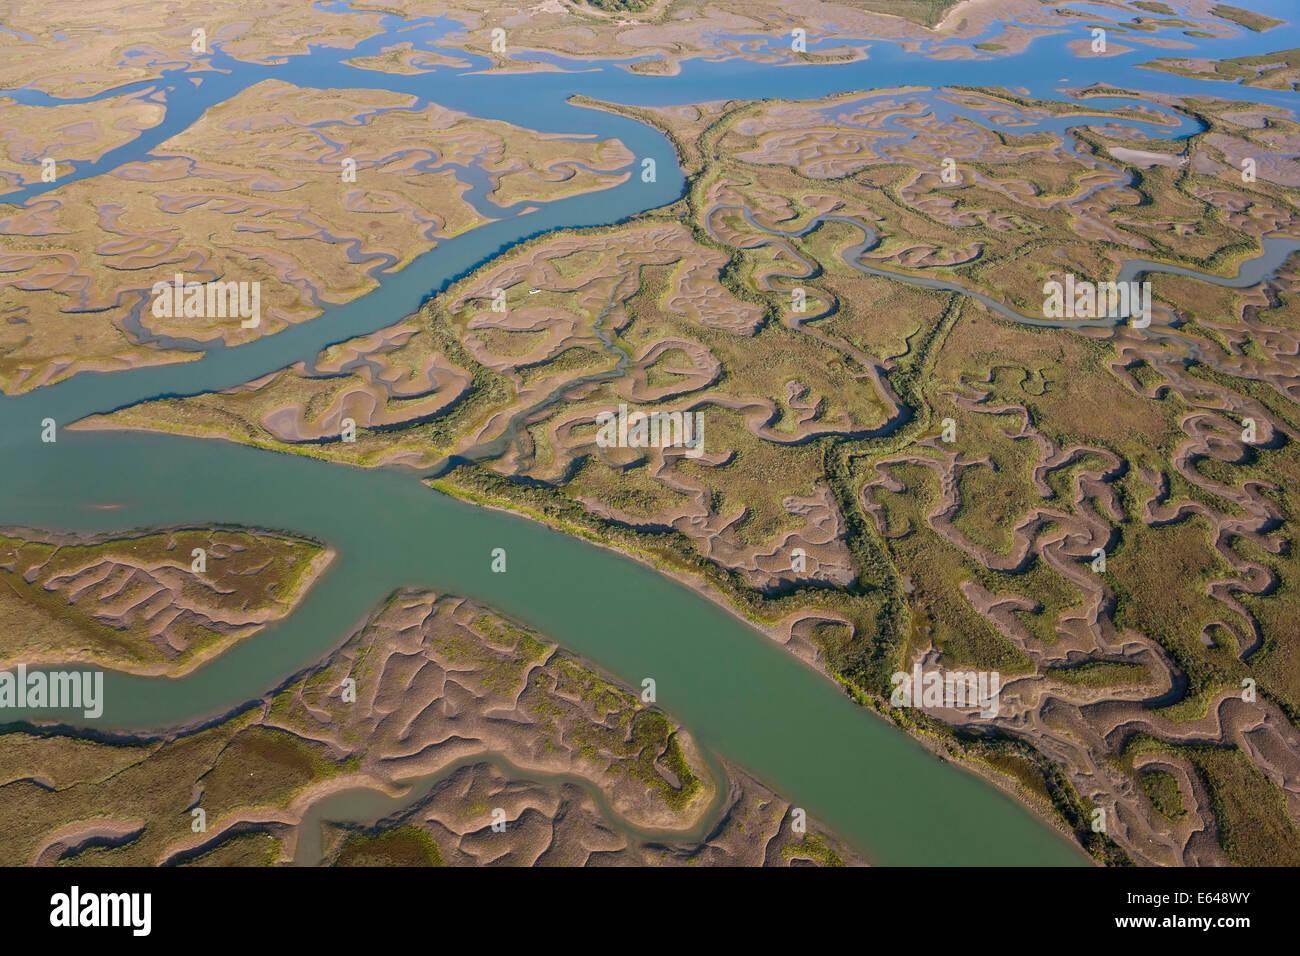 Luftaufnahme von Marschland Provinz Huelva, Spanien Stockbild